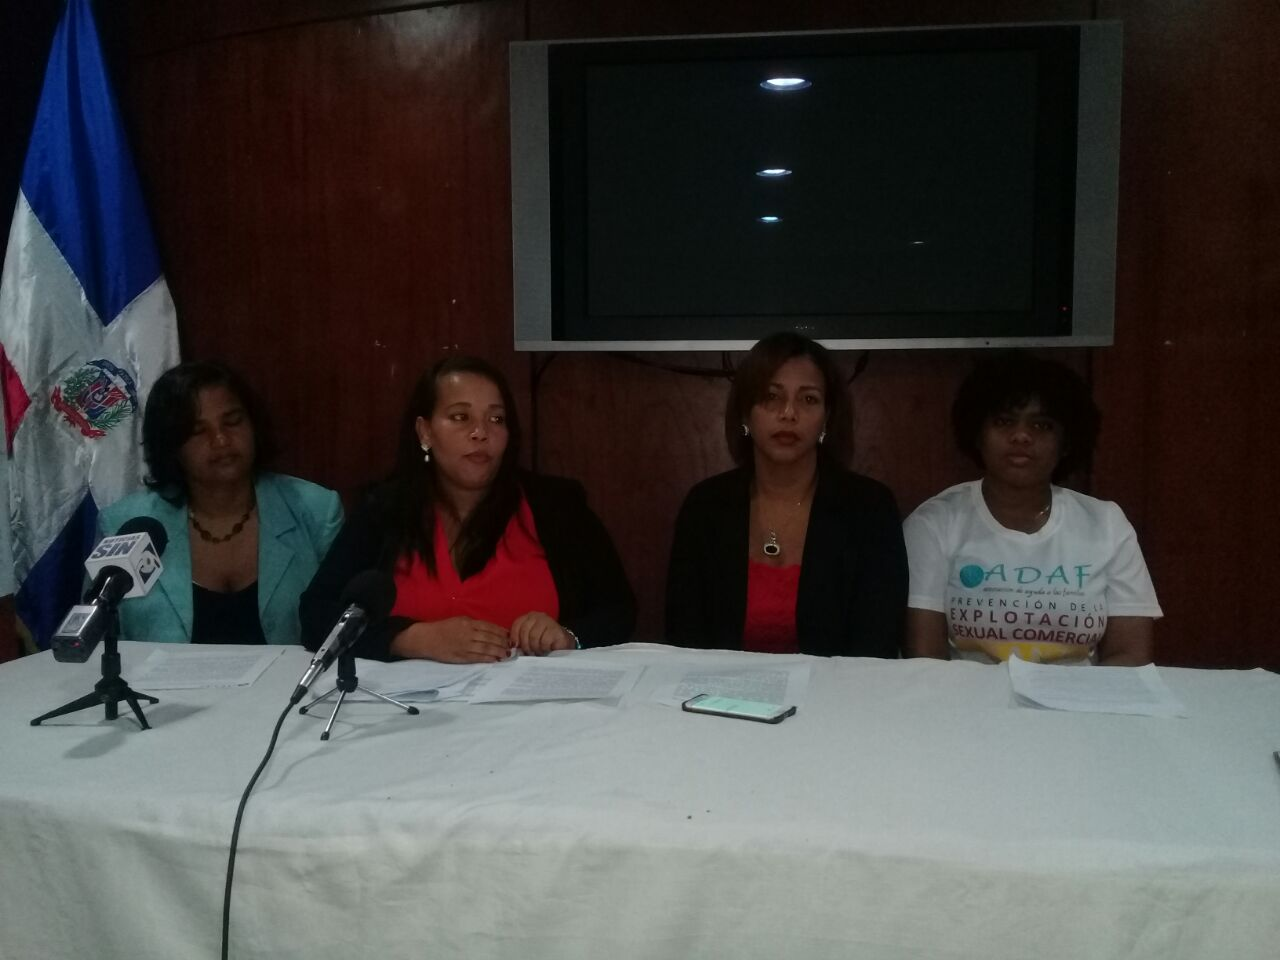 Centros educativos en Los Guaricanos en riesgo de explotación sexual, según Ayudas a las Familias